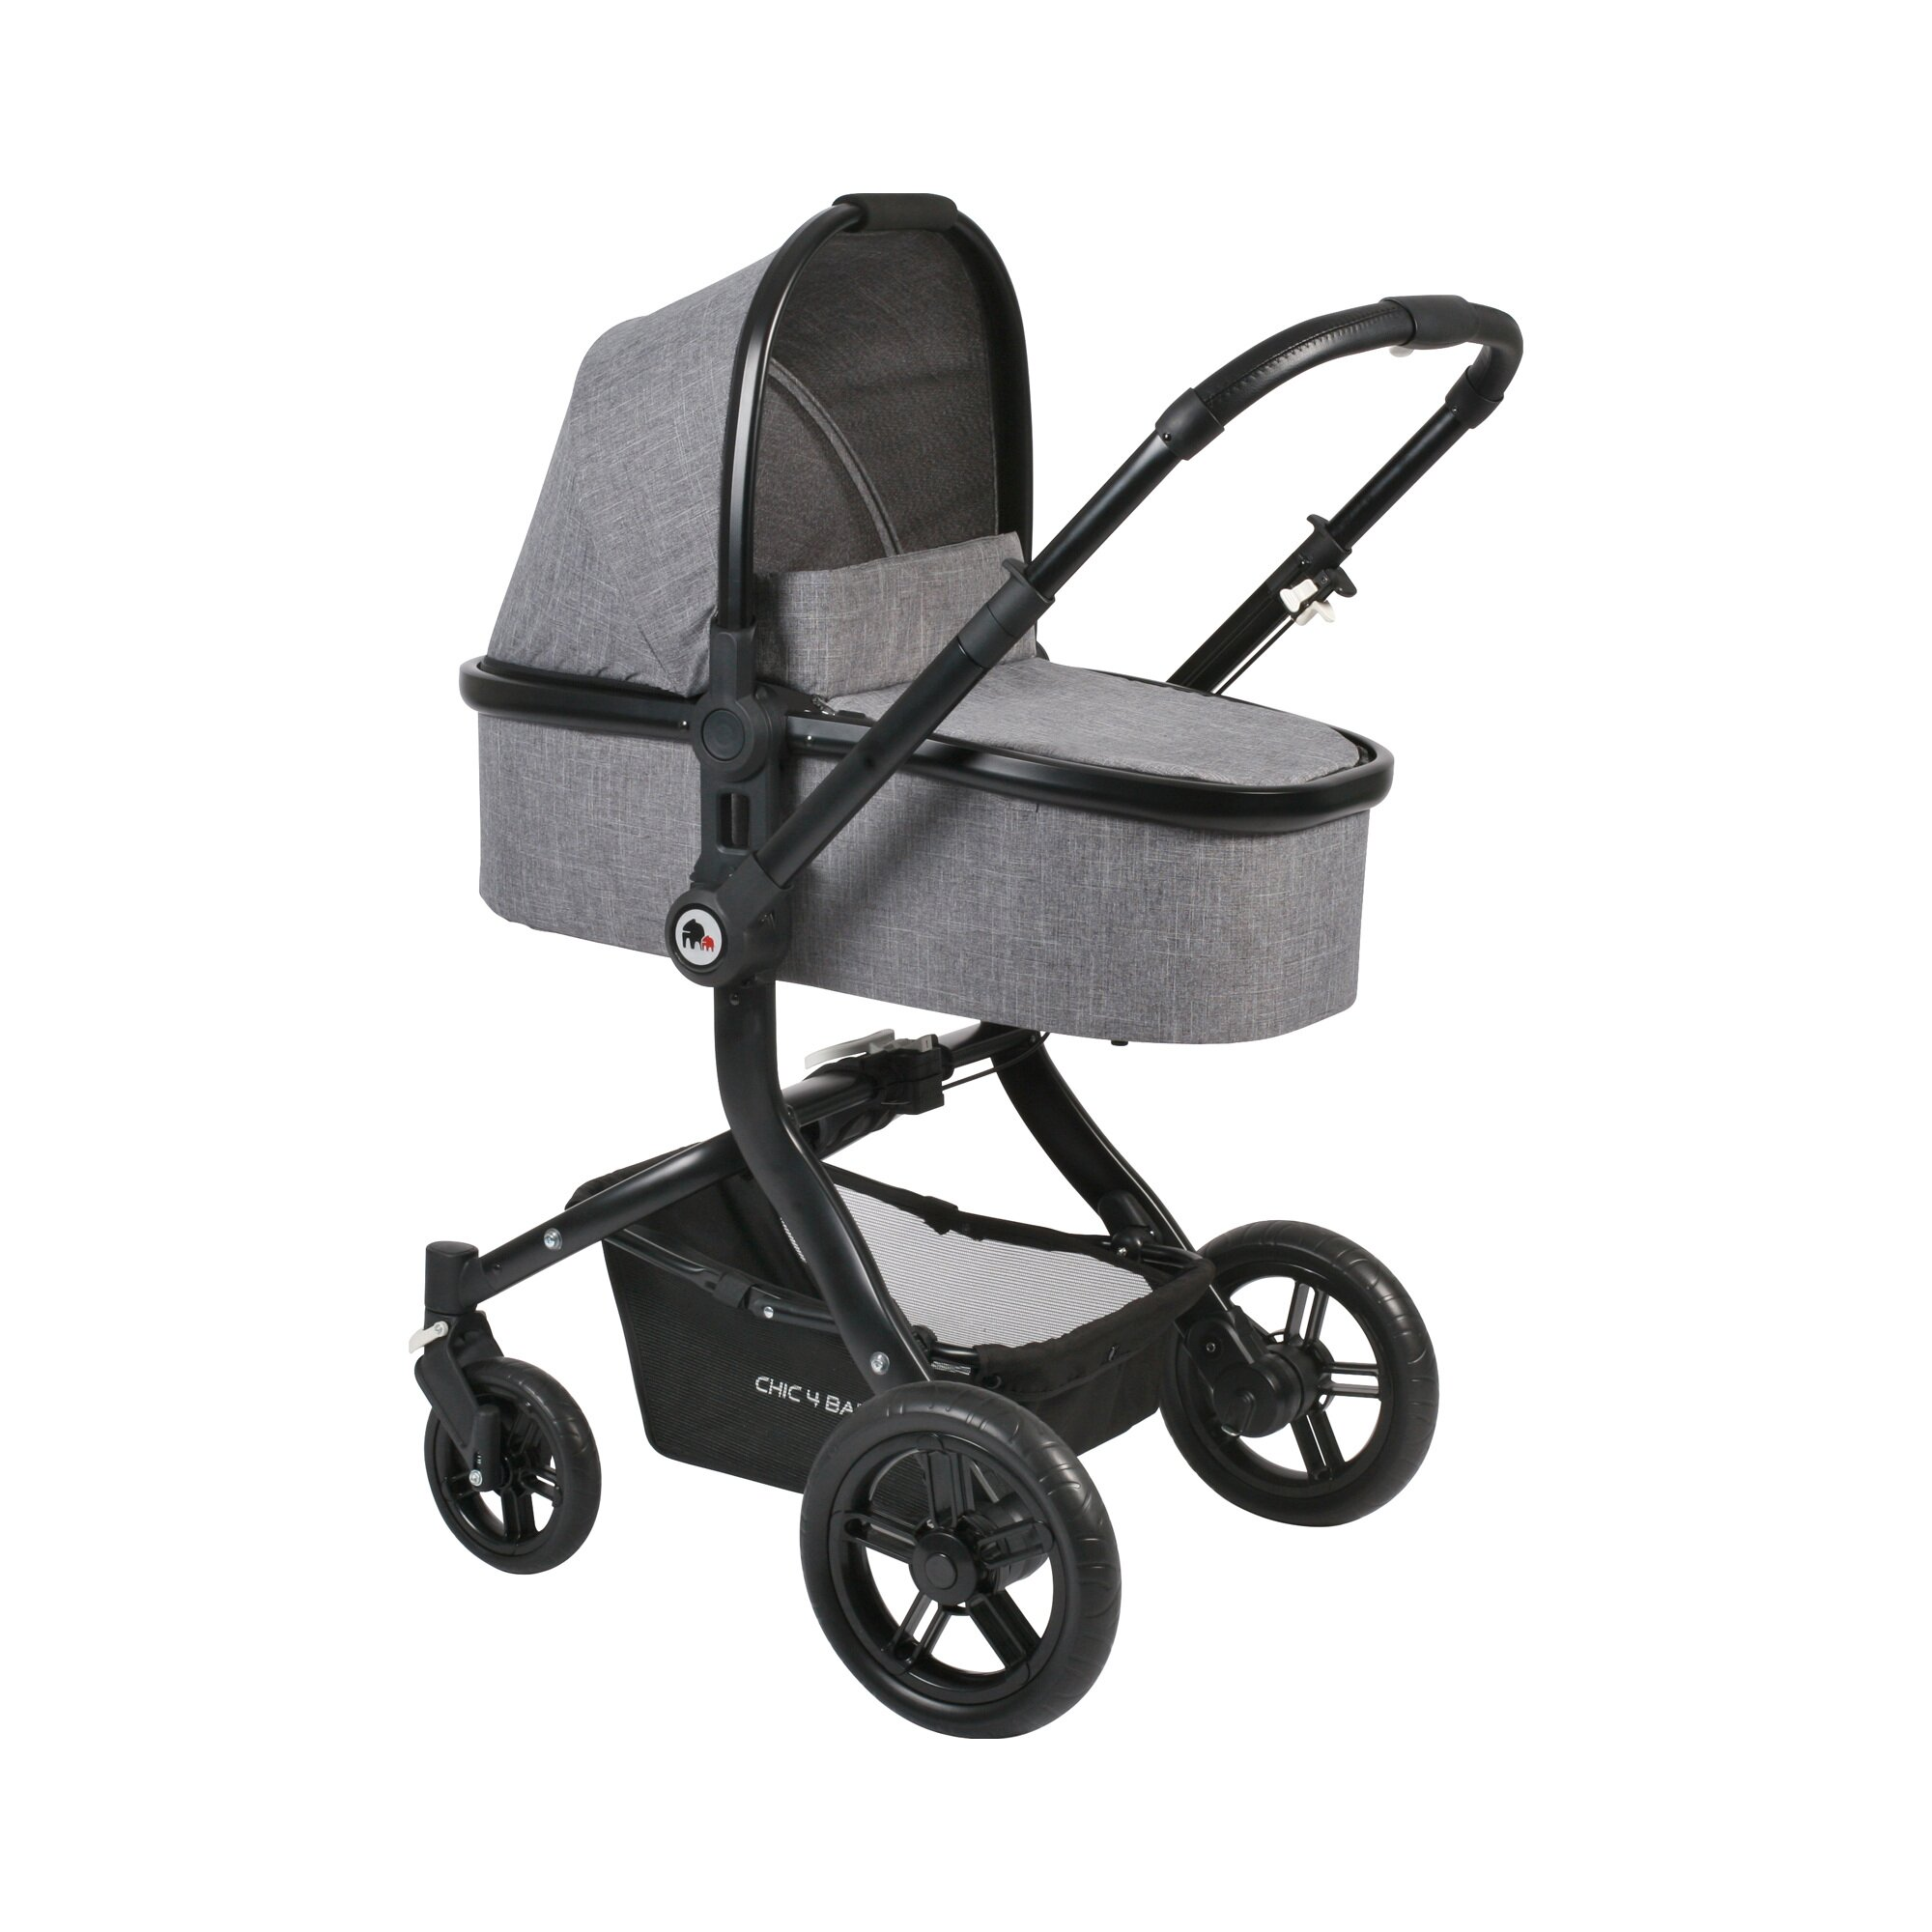 chic-4-baby-tano-kombikinderwagen-design-2018-grau